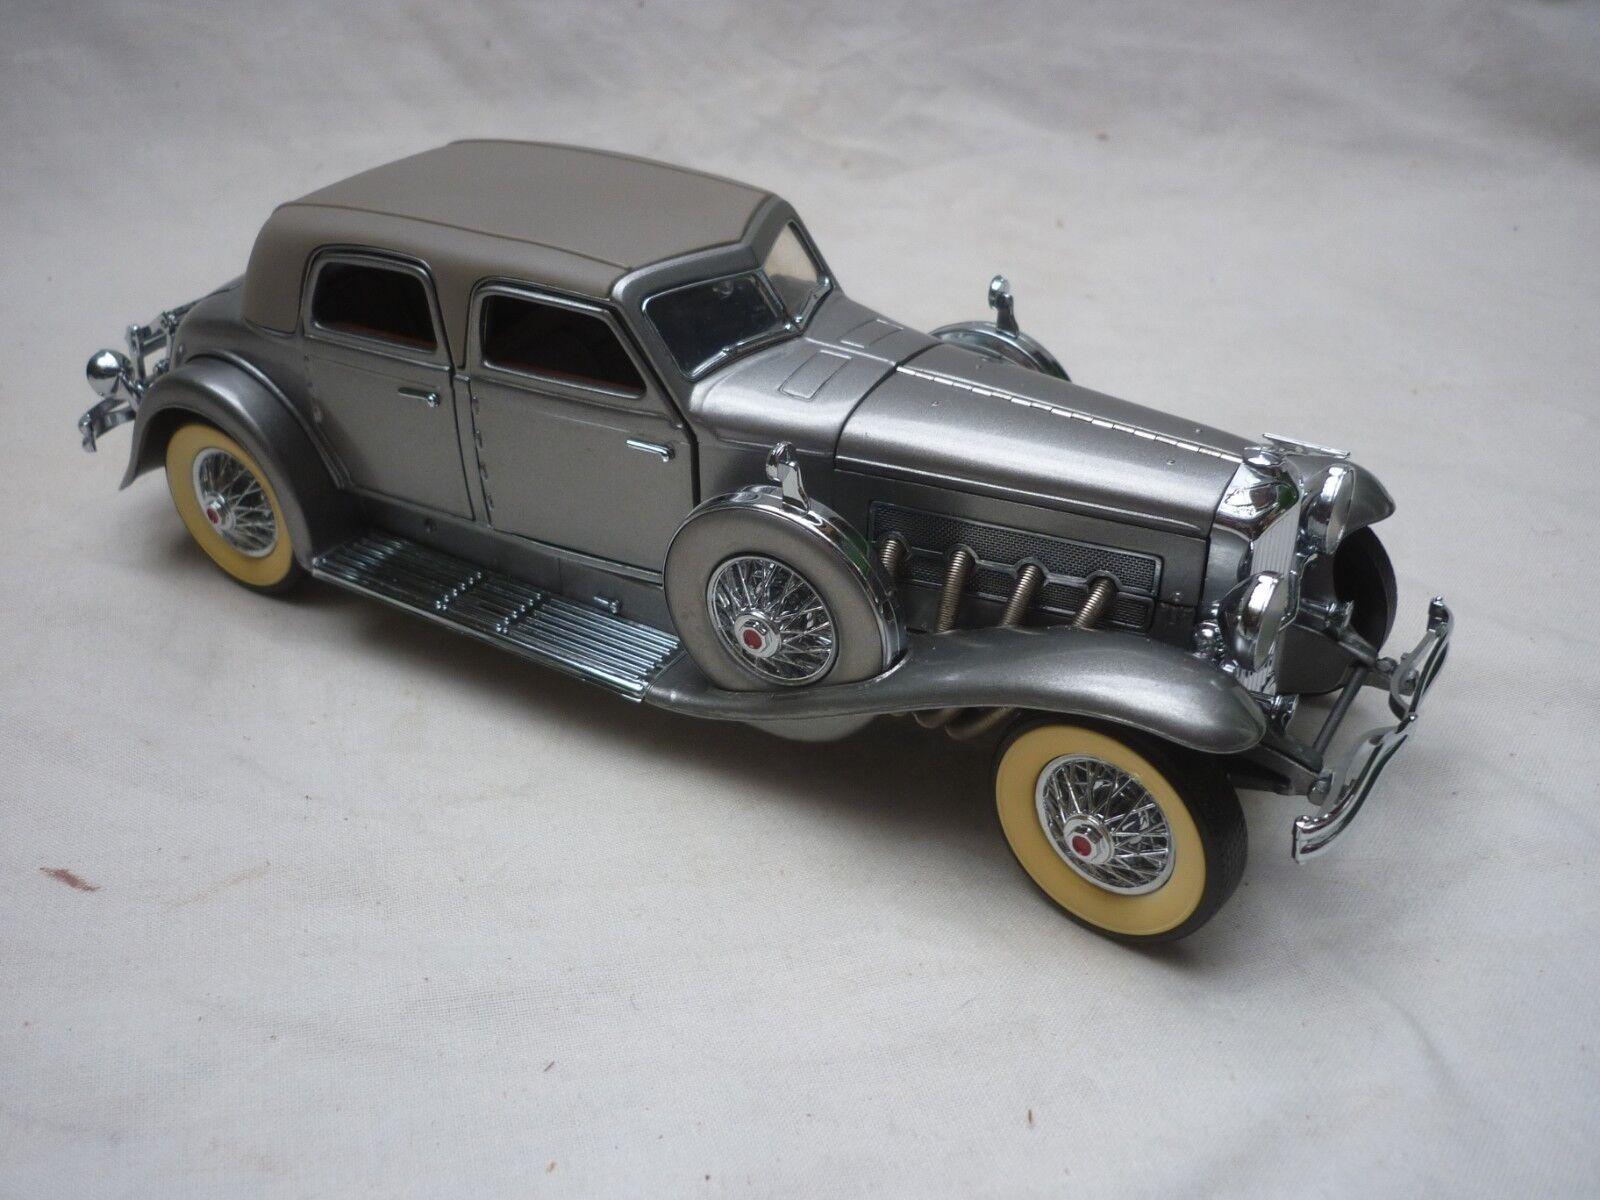 Una scala Danbury Nuovo di zecca auto modello di un 1933 duesenburg SJ VENTIMILA DOLLARI, Loose